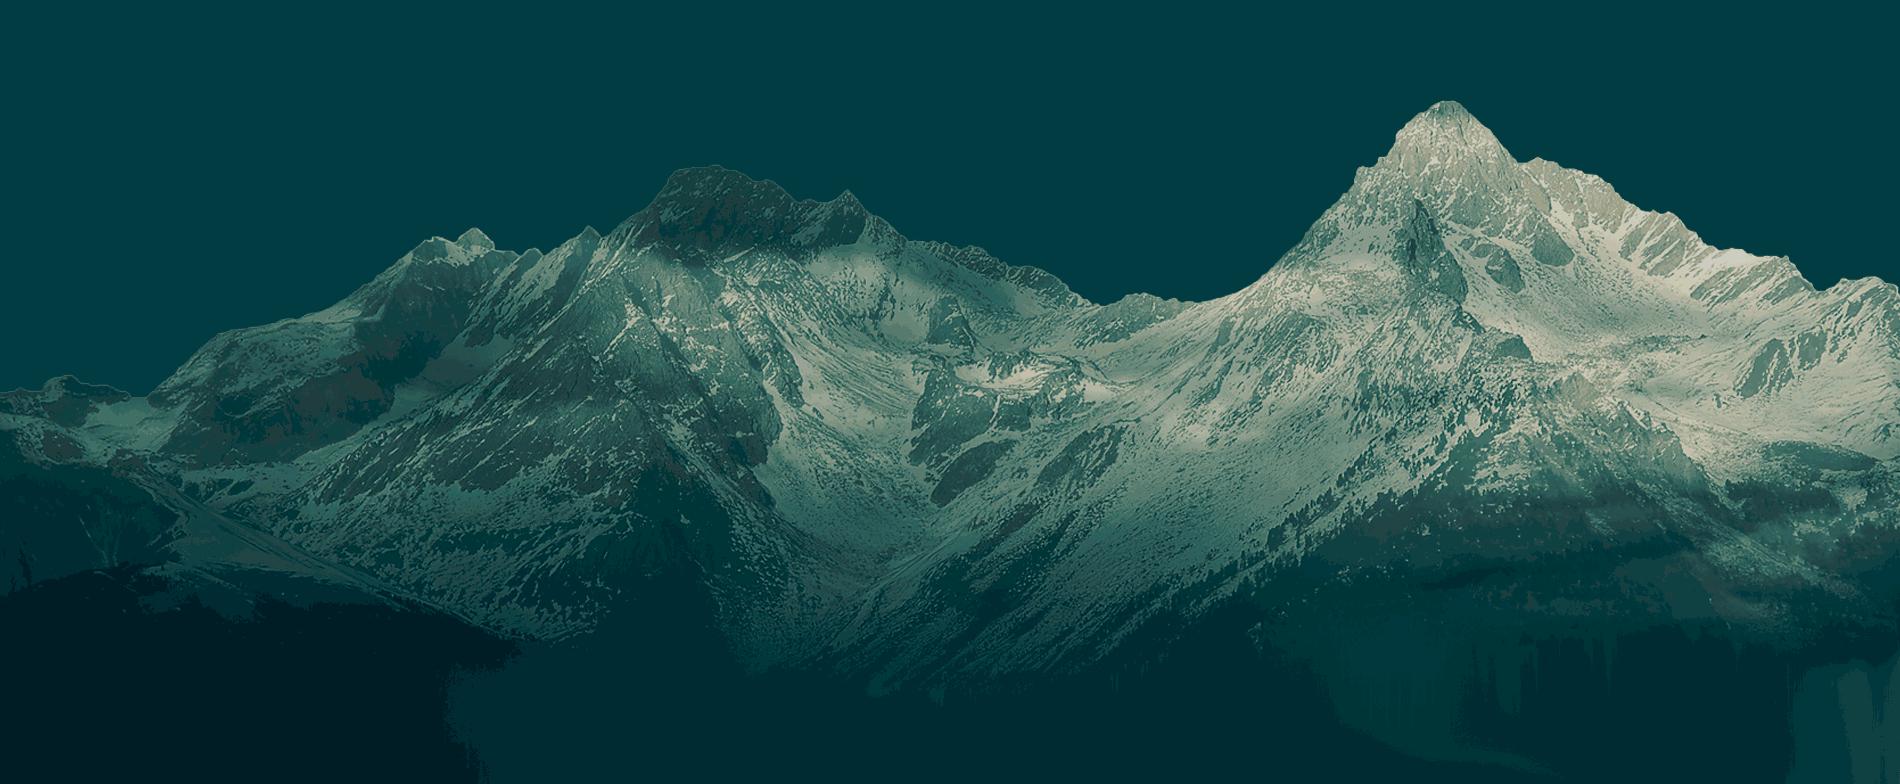 mountain-clip-art-13